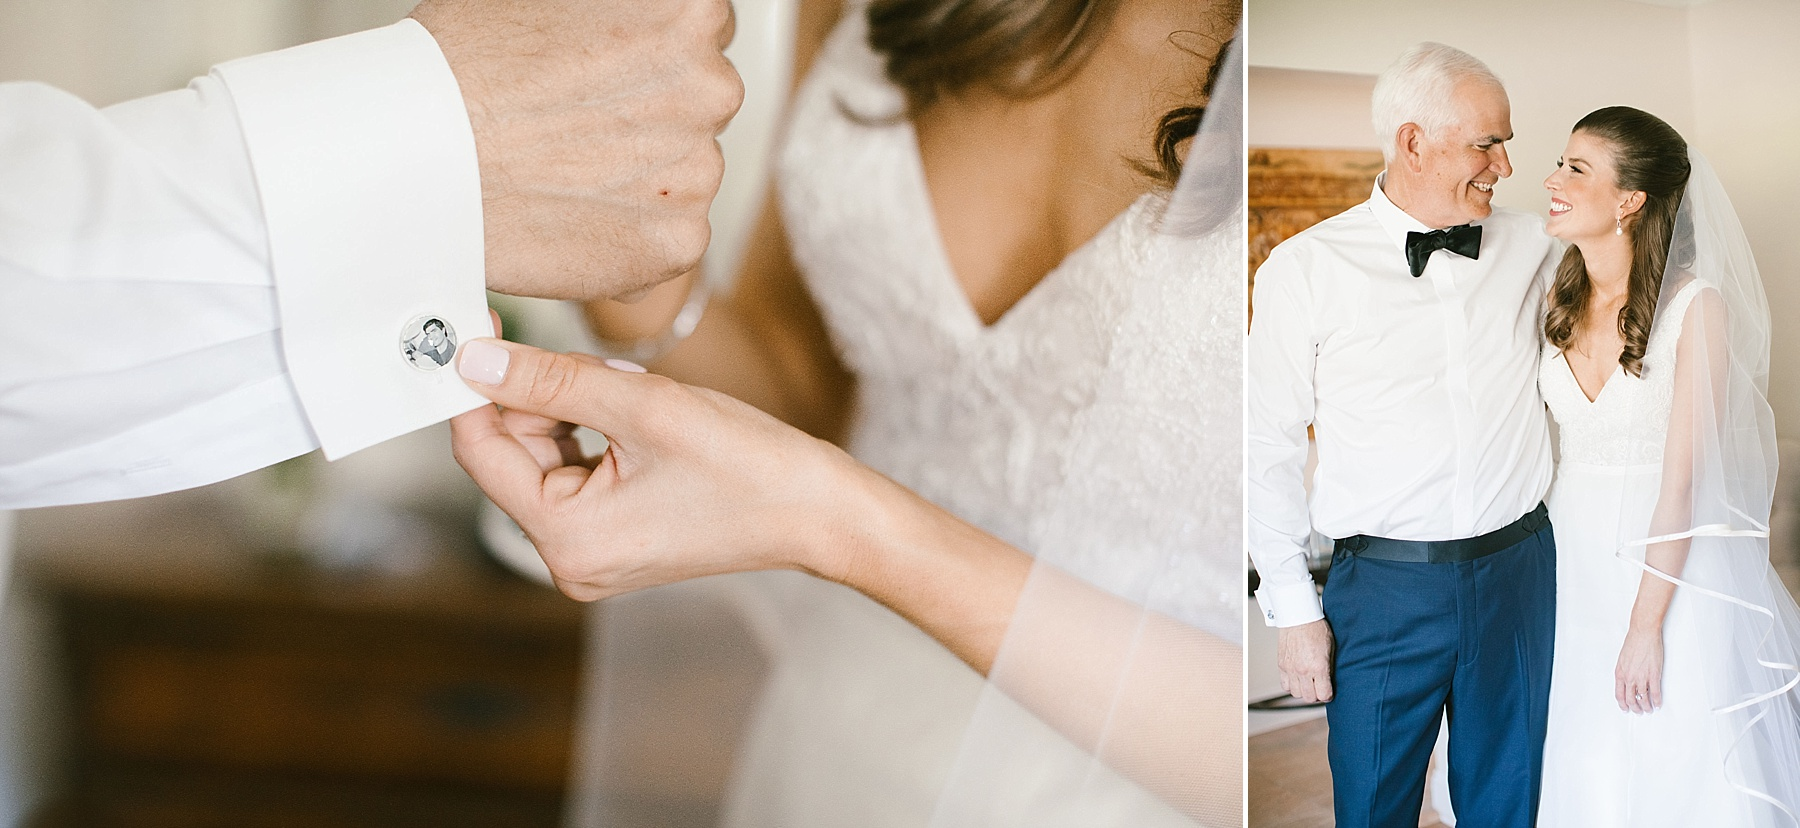 Ashley Mac Photographs | NJ wedding photographer | New Jersey wedding photographer | The Riverhouse at Rumson Country Club Wedding | Rumson NJ wedding | Rumson NJ wedding photographer | New Jersey wedding day | Romantic wedding day in NJ | Classic Rumson Country Club wedding